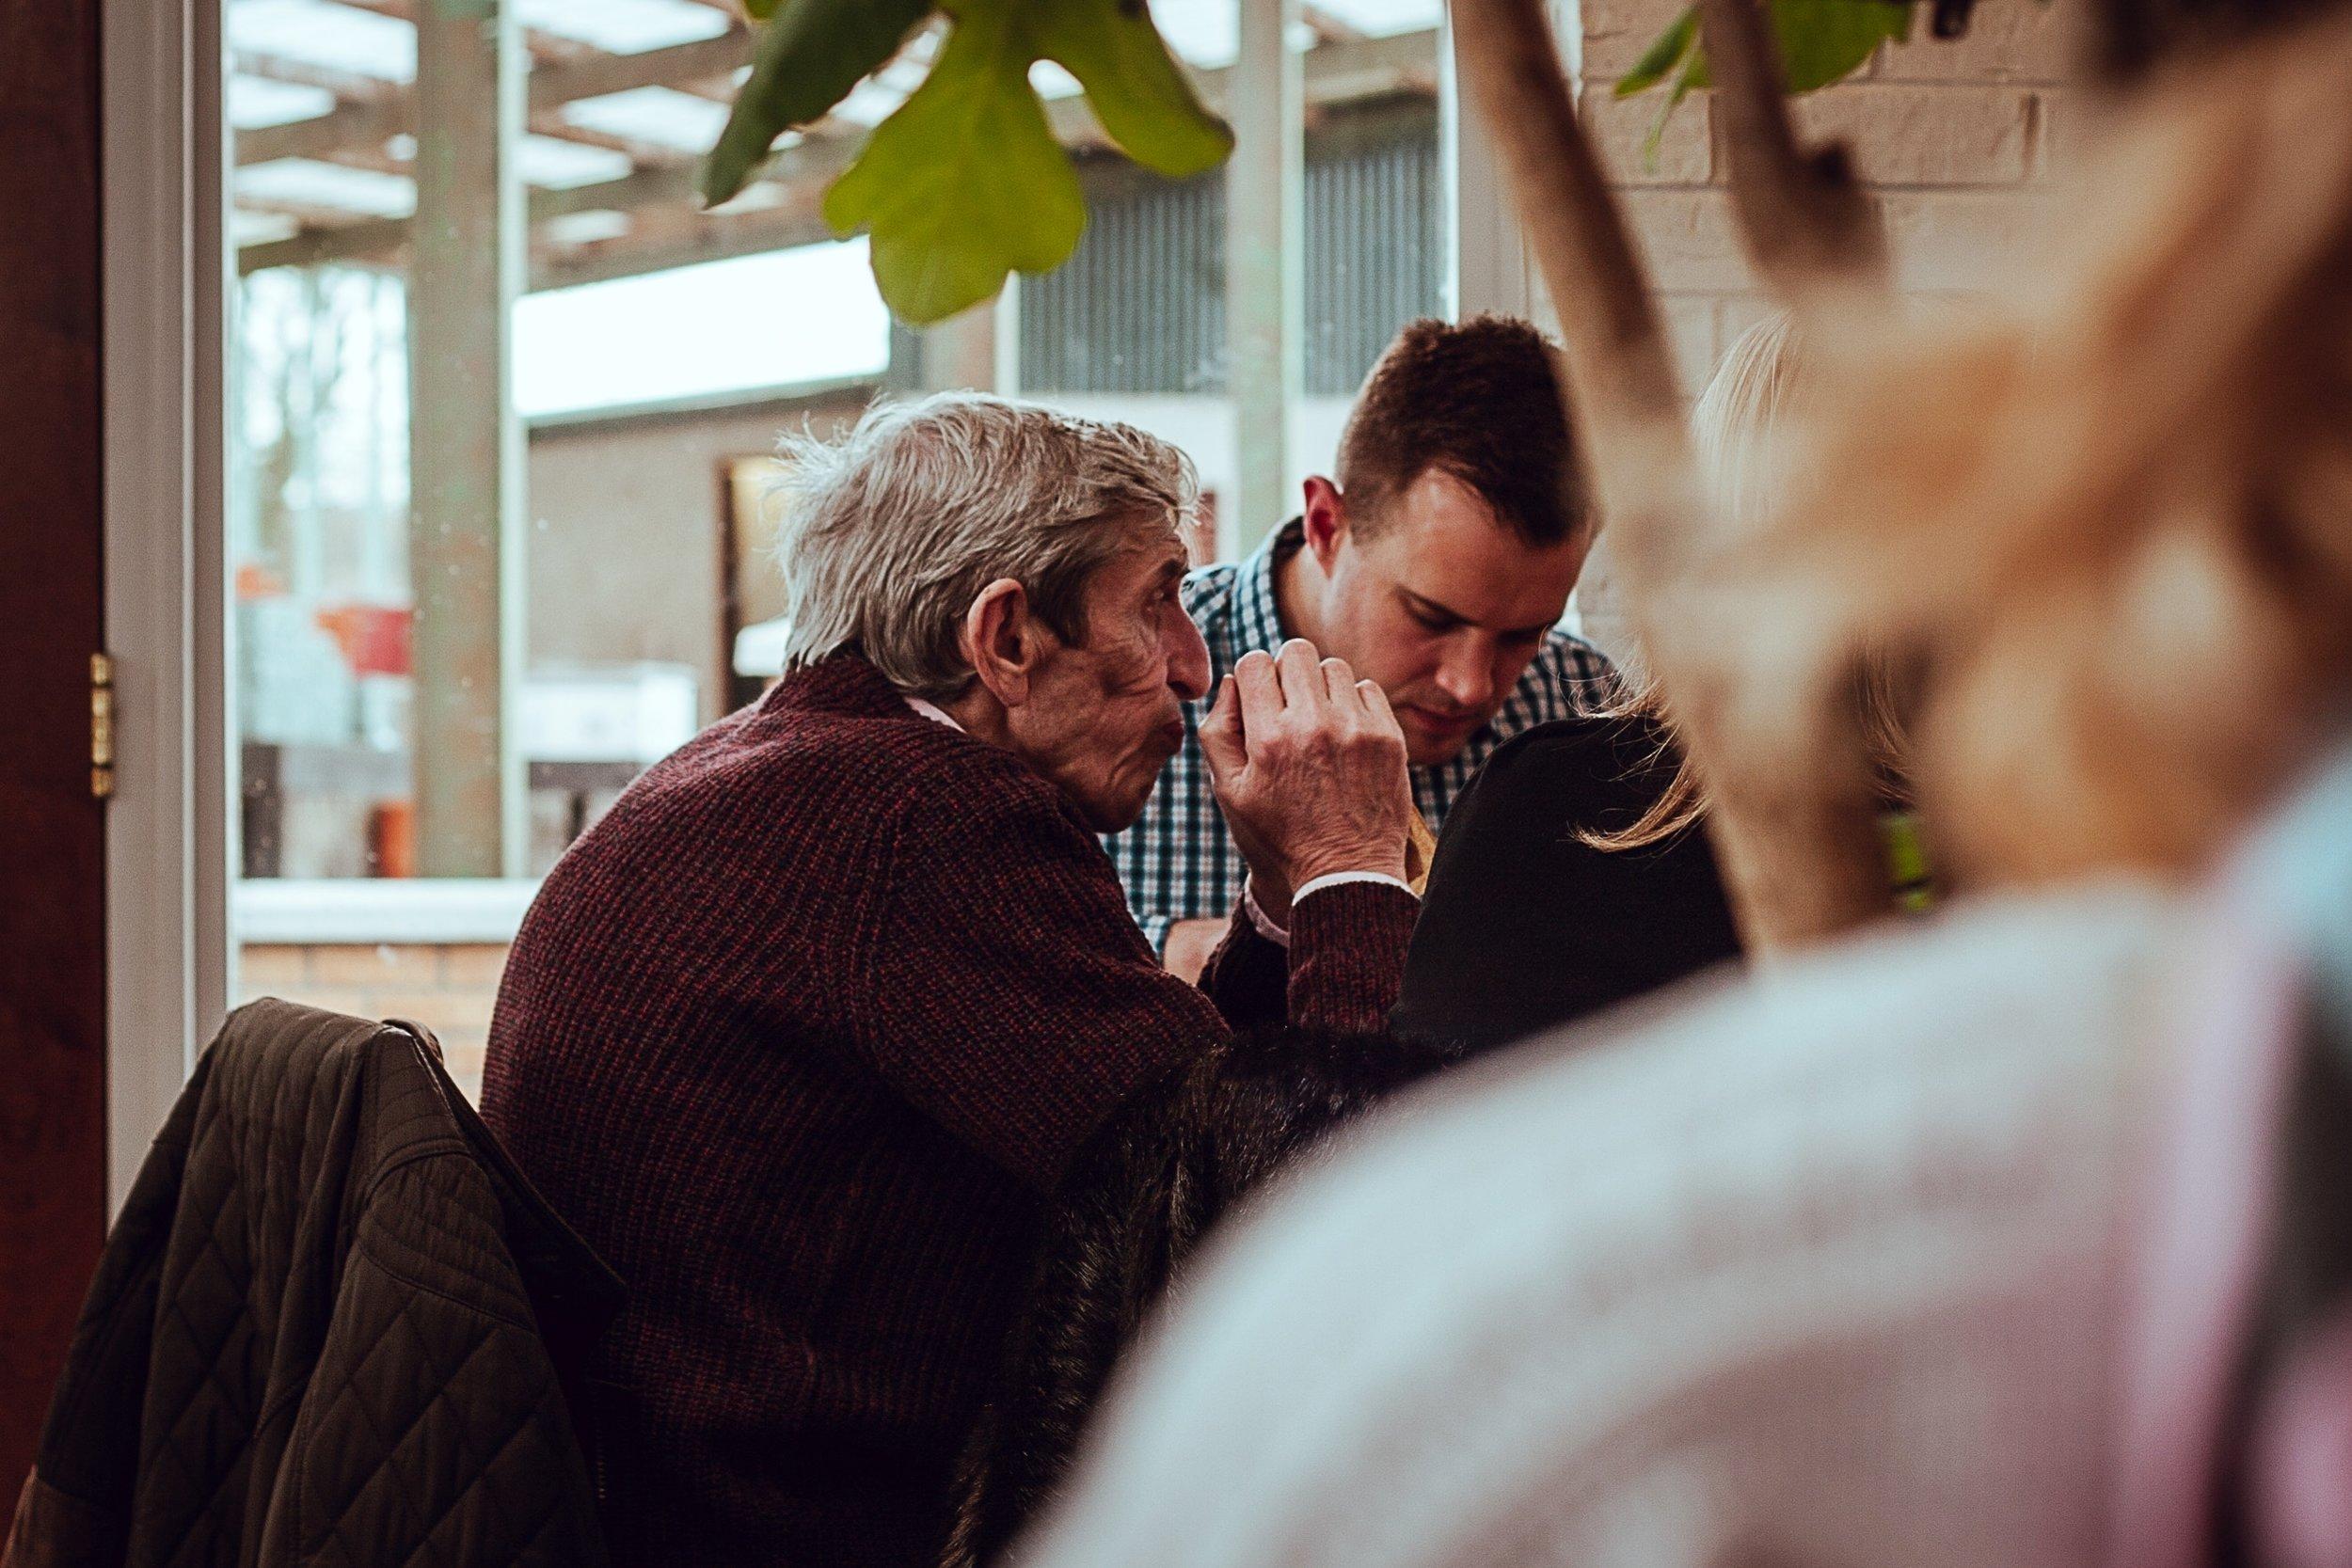 Granny´s Coffee - Mitten in unseren Städten befinden sich Altenheime, die für viele Senioren ihr Zuhause geworden sind. Ein Höhepunkt in ihrem Monatskalender ist der Kaffee- & Kuchennachmittag mit Kirche in Aktion. Ein Team aus ehrenamtlichen Helfern backt mind. 10 Kuchen und schmückt und dekoriert inmitten des Altenheims Stühle und Tische für die Senioren. Wichtige Programmpunkte sind das persönliche Geburtstagsständchen für die Geburtstagskinder, musikalische Beiträge und das Thema des Monats.